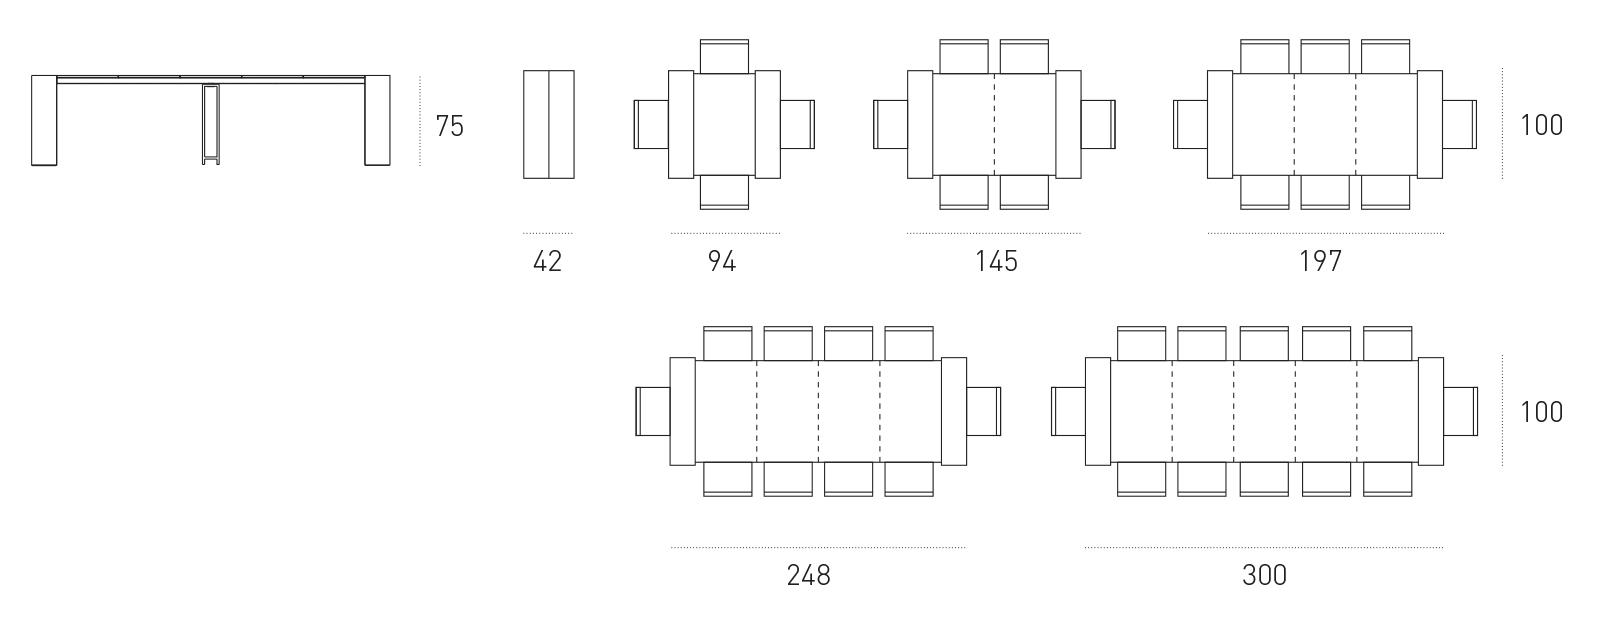 Dimensioni Tavolo Per 6 Persone. Carrello Cucina Dimensioni Tavolo ...